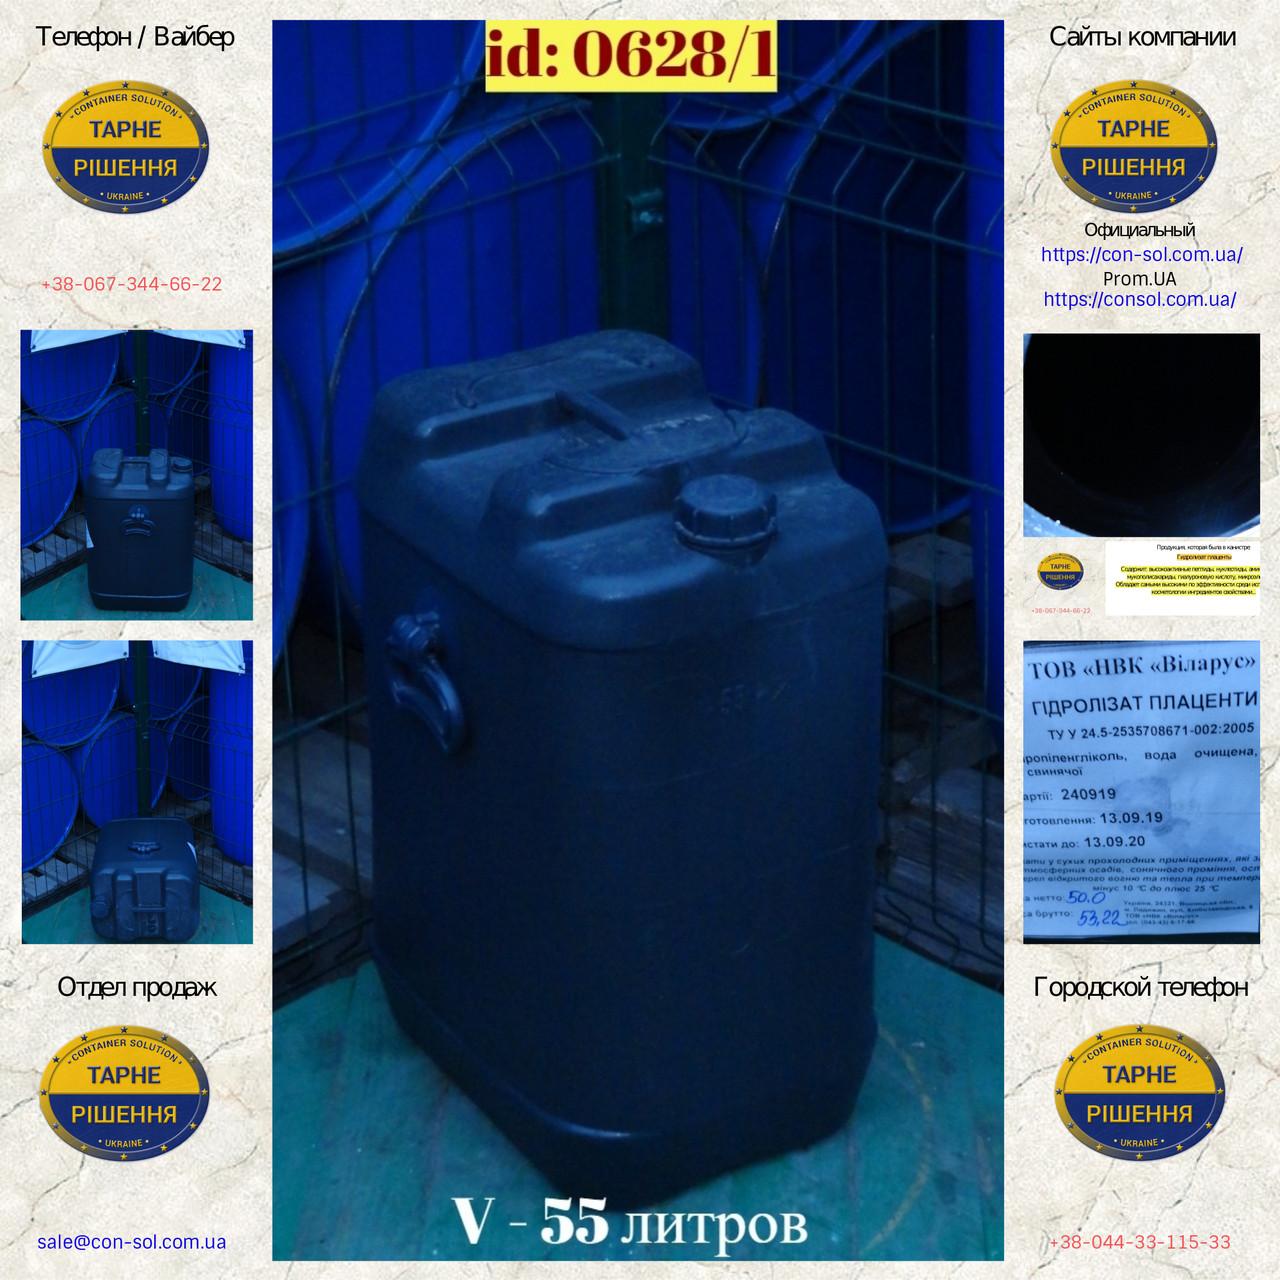 0628/1: Канистра (55 л.) б/у пластиковая ✦ Гидролизат плаценты